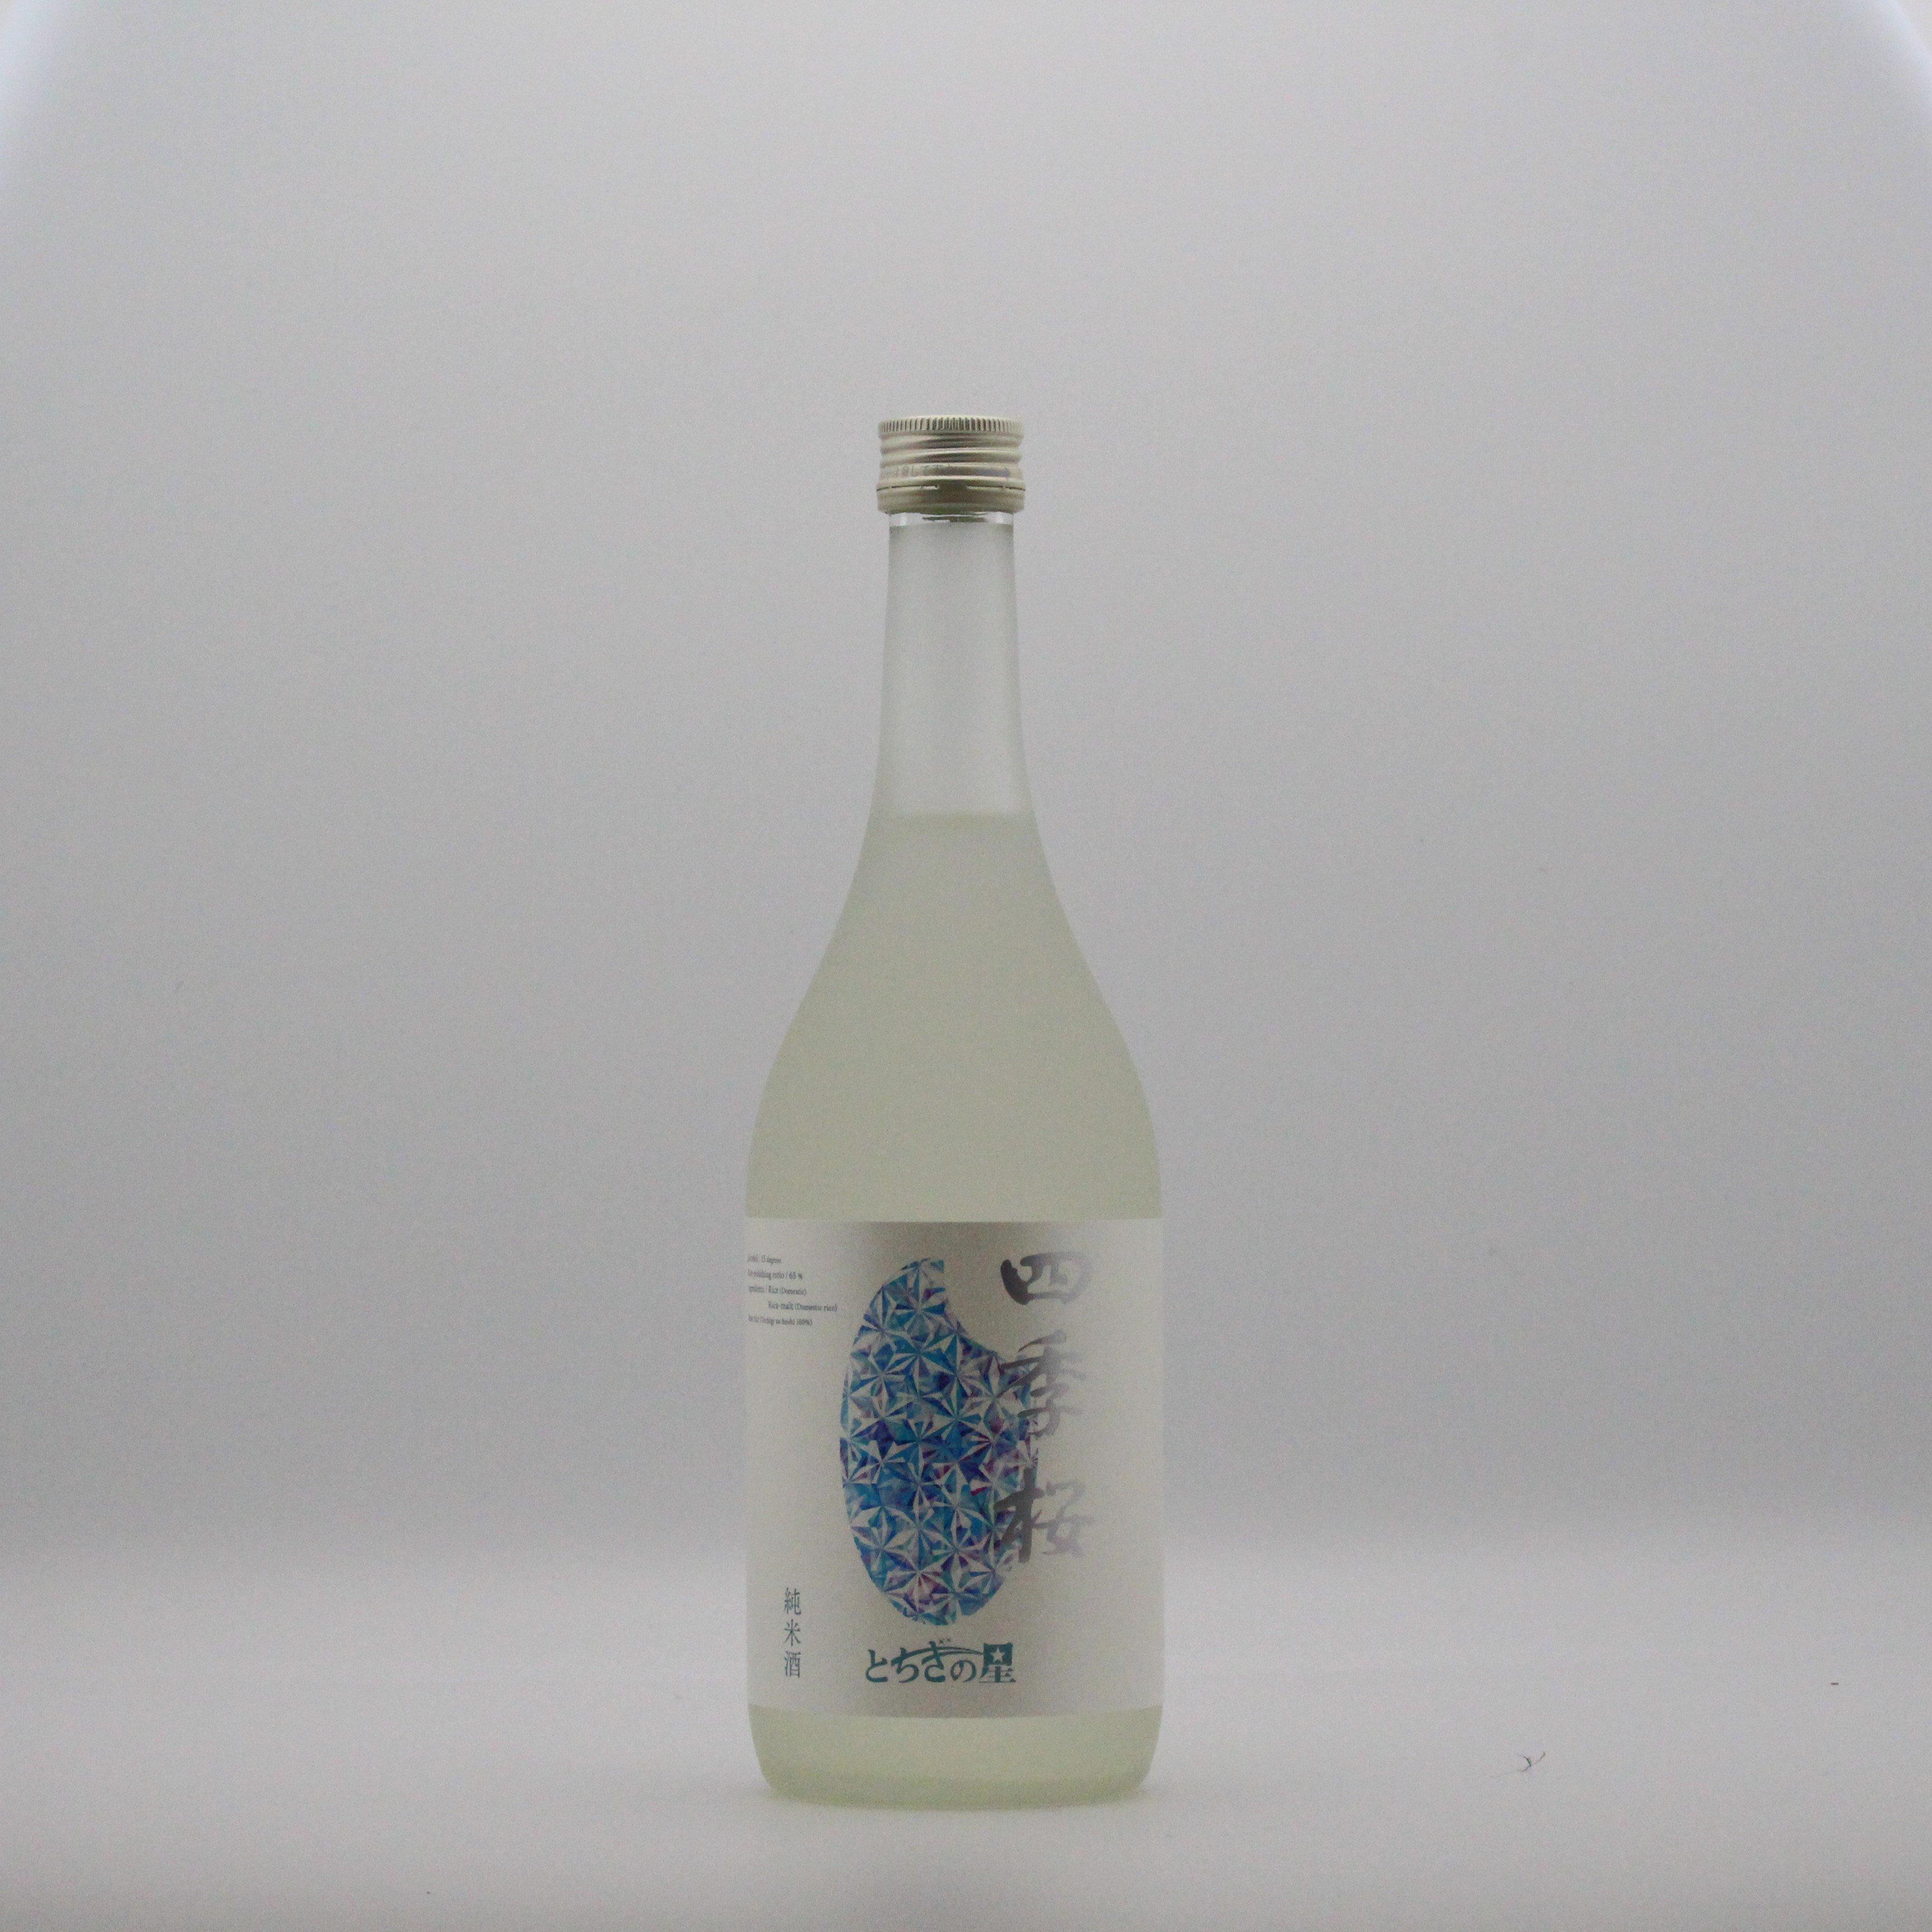 宇都宮酒造/とちぎの星純米酒 720ml